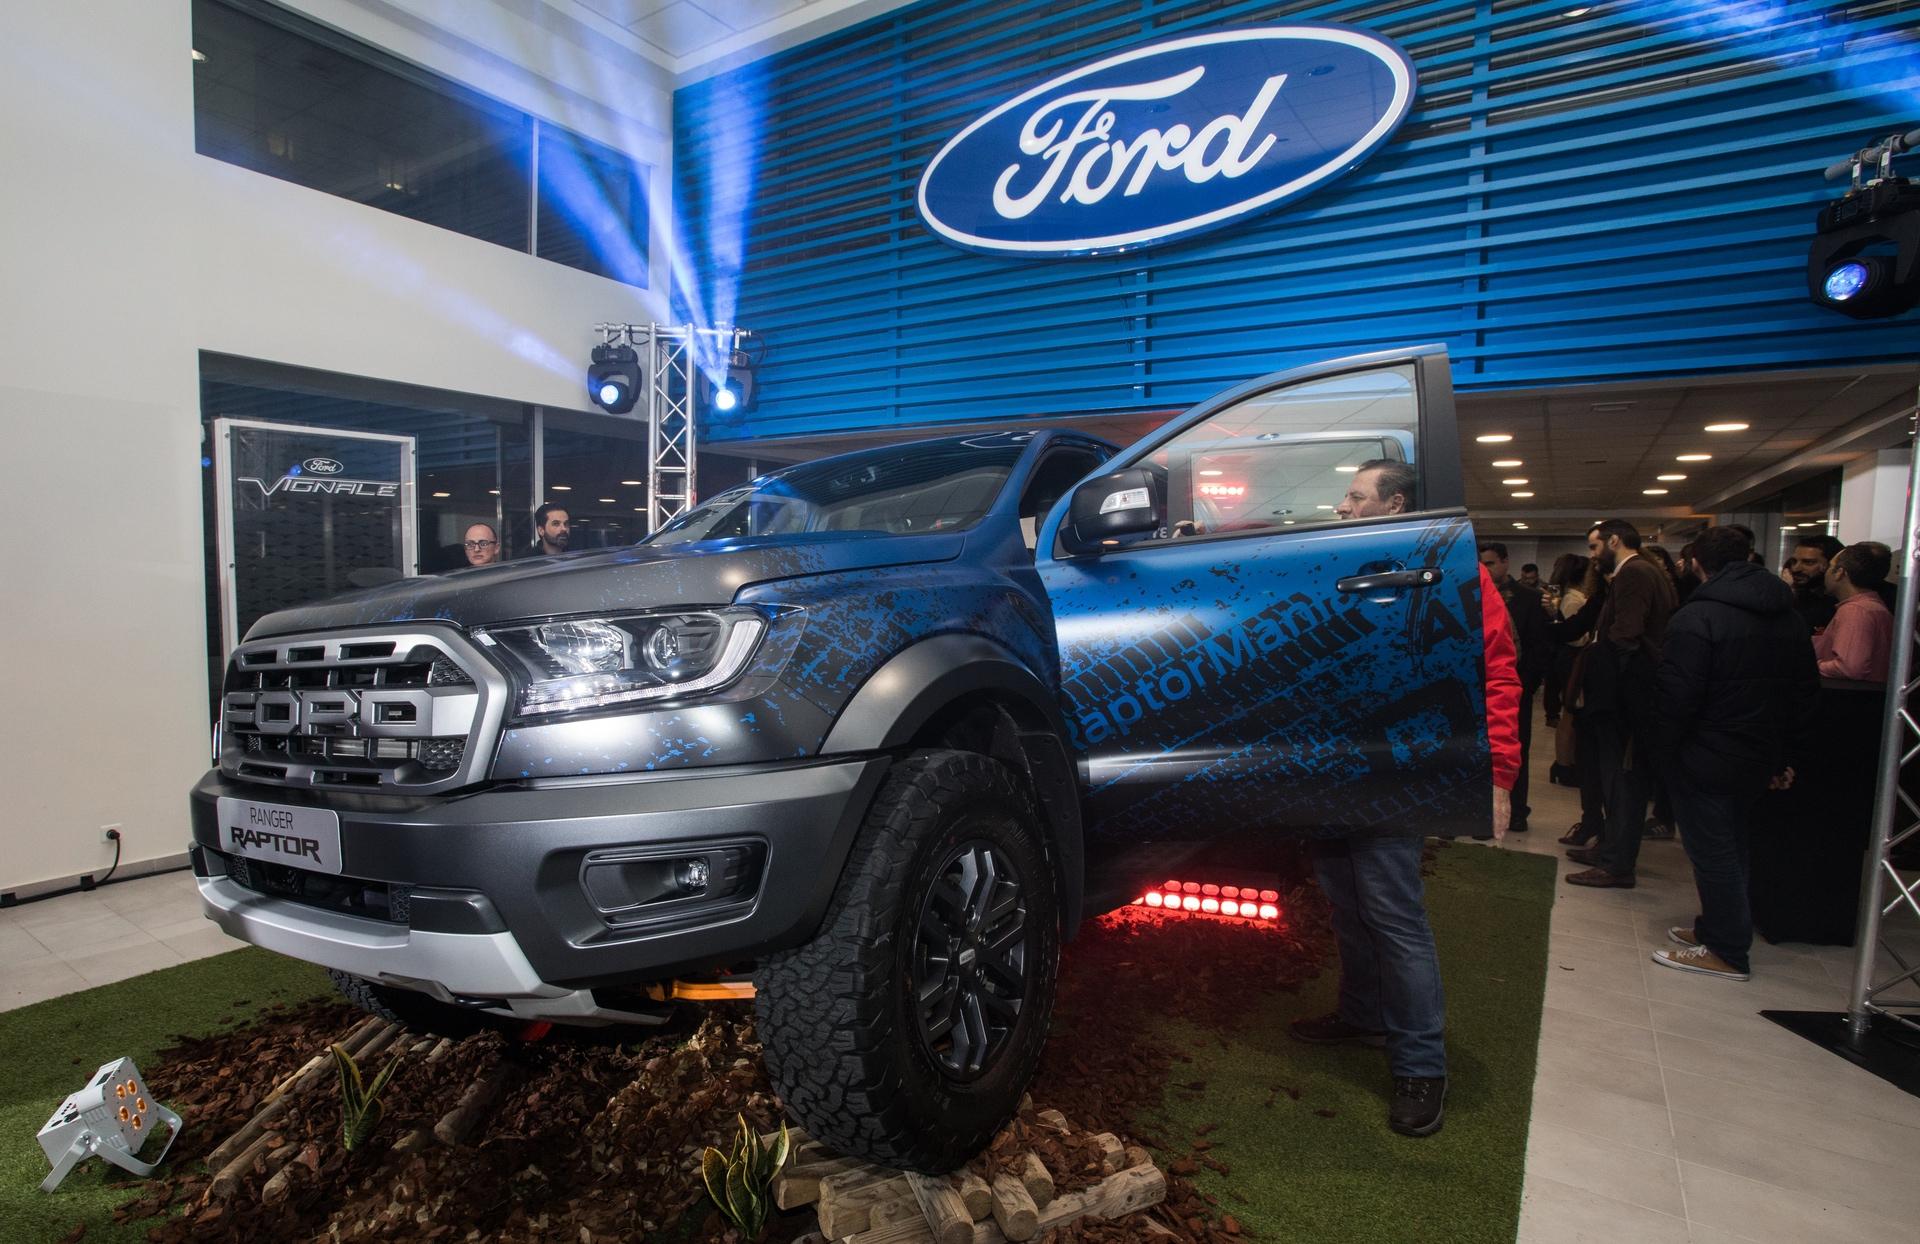 Ford_Ranger_Raptor_greek_resentation_0047